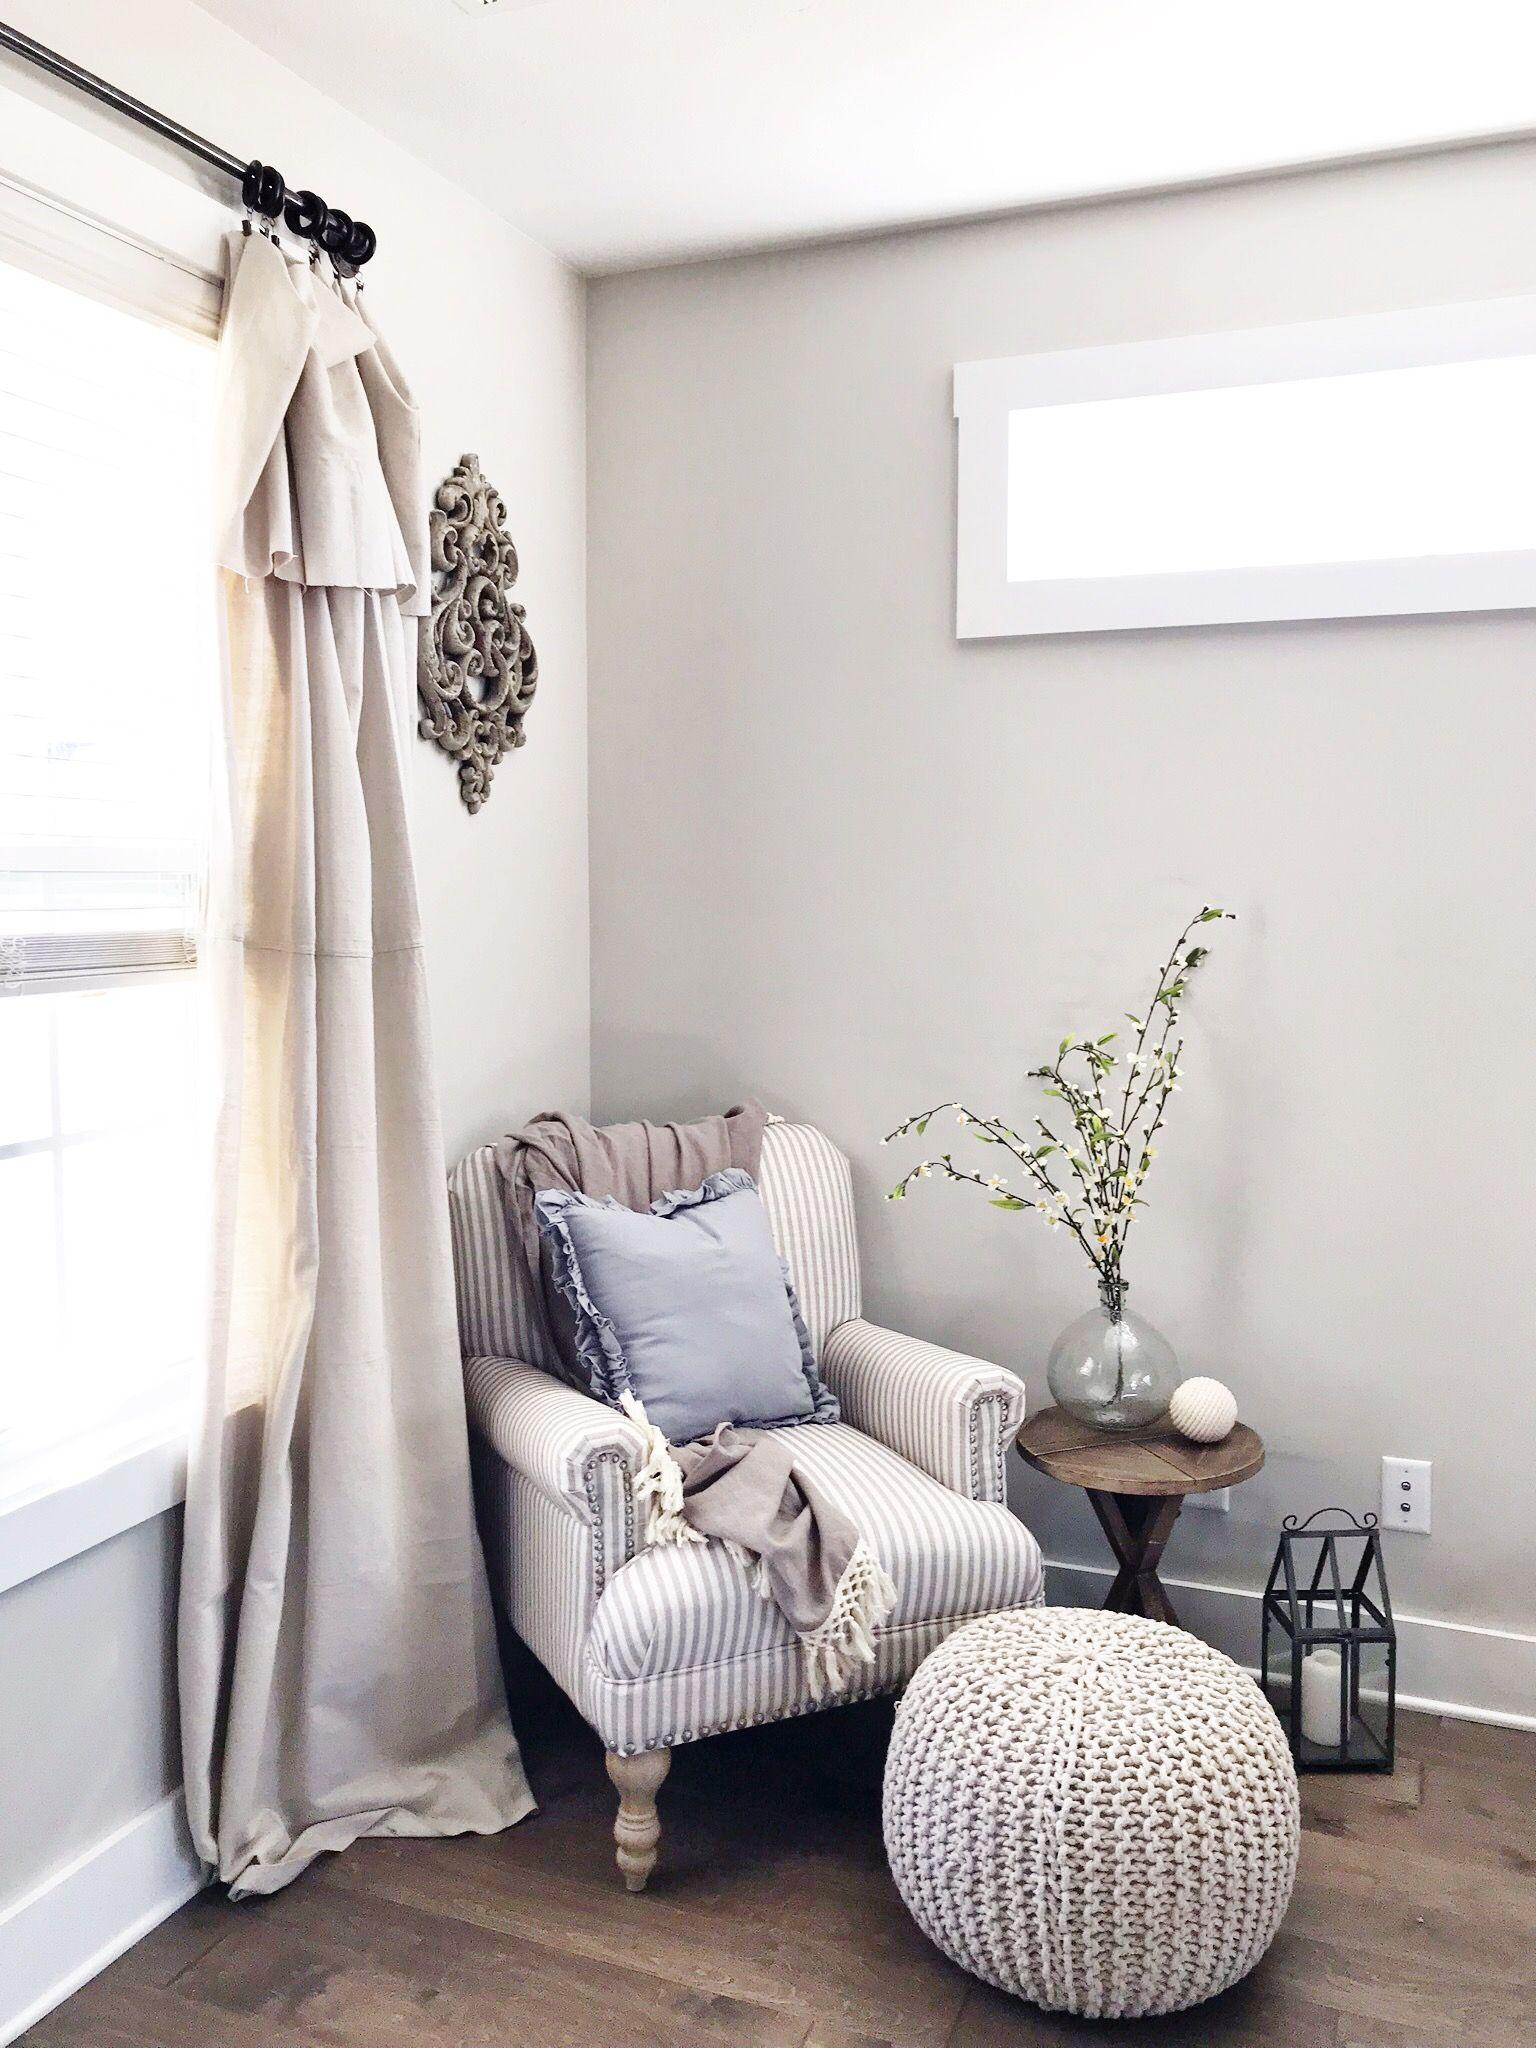 Bashir armchair Modern farmhouse Shabby chic living room | Family ...